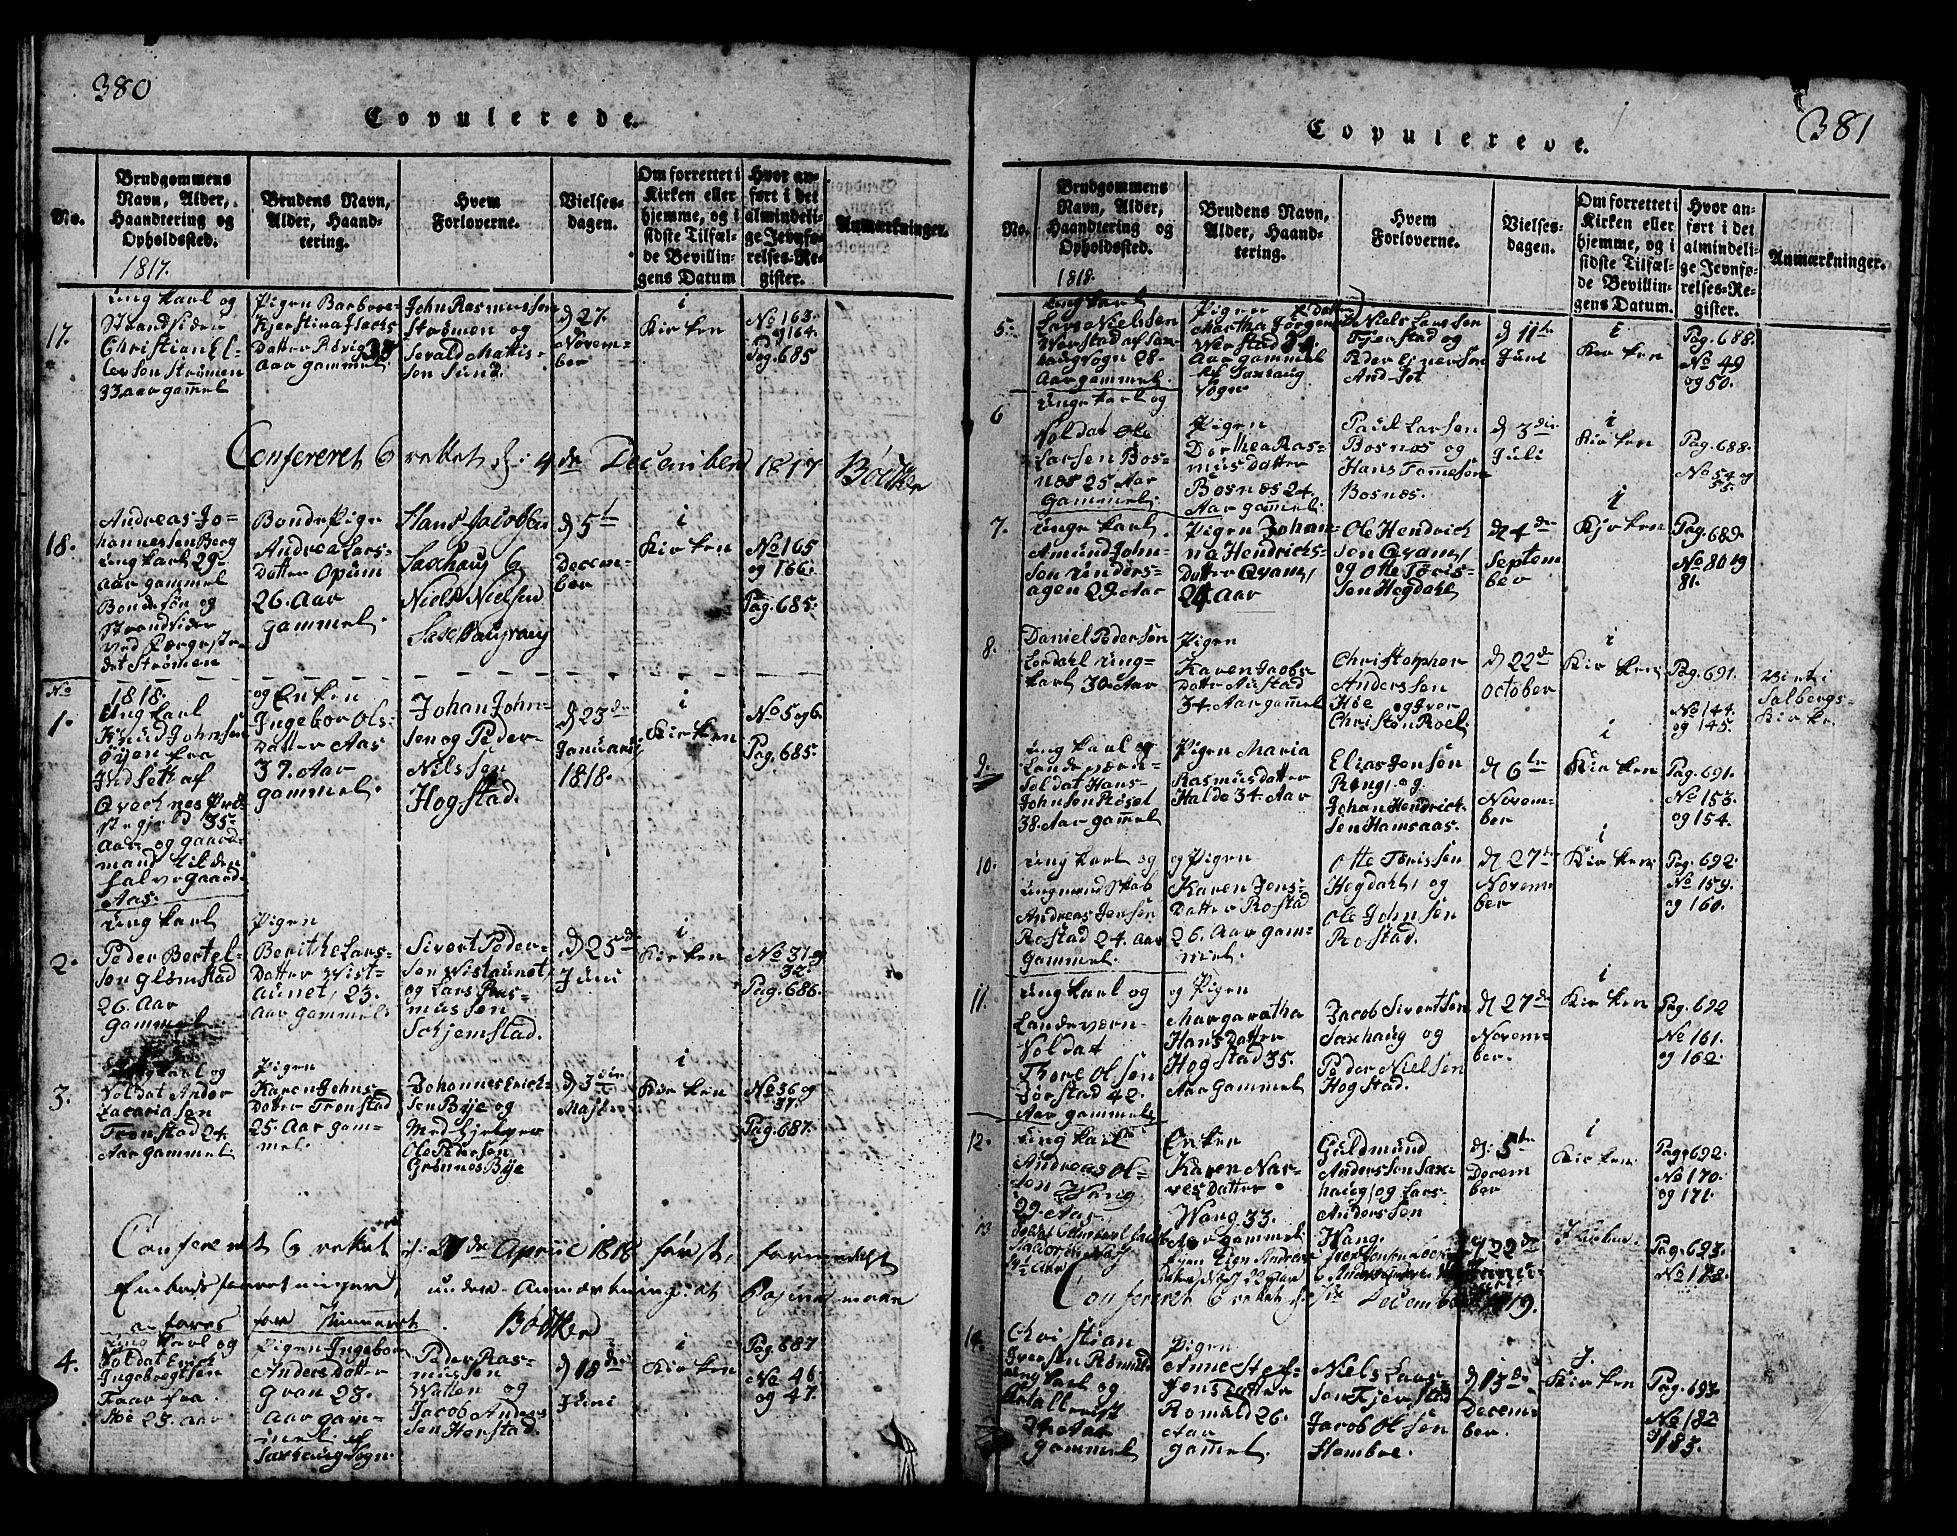 SAT, Ministerialprotokoller, klokkerbøker og fødselsregistre - Nord-Trøndelag, 730/L0298: Klokkerbok nr. 730C01, 1816-1849, s. 380-381